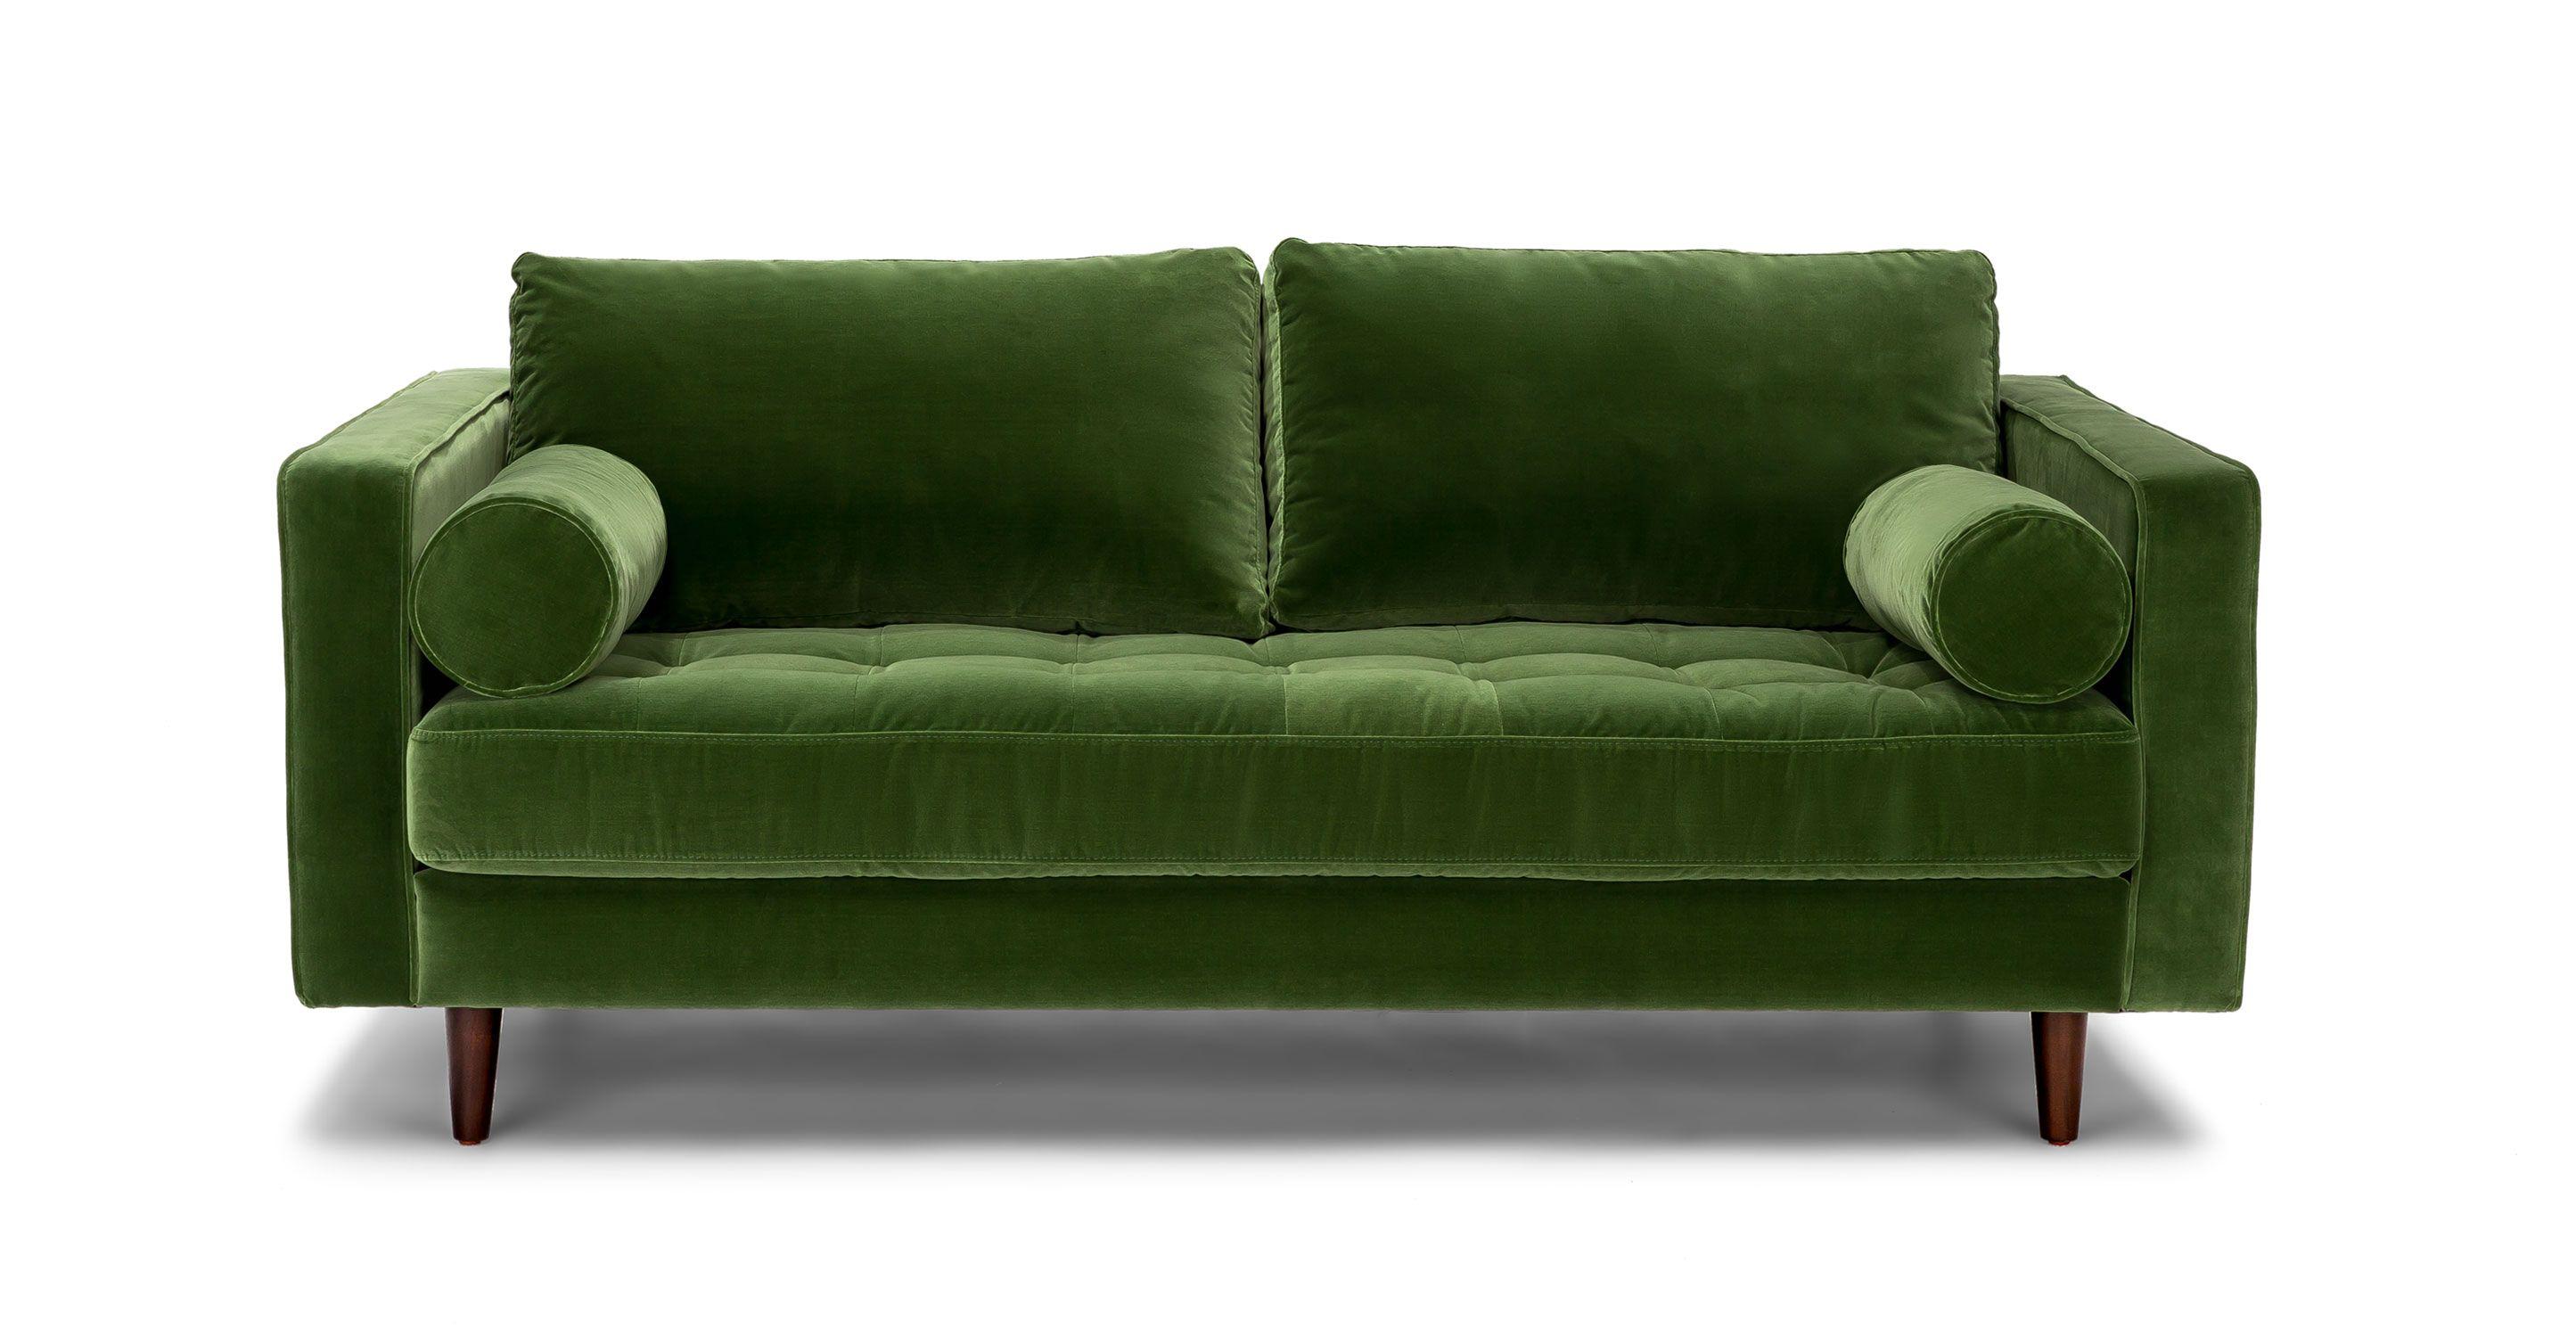 Green Velvet Tufted Sofa 72